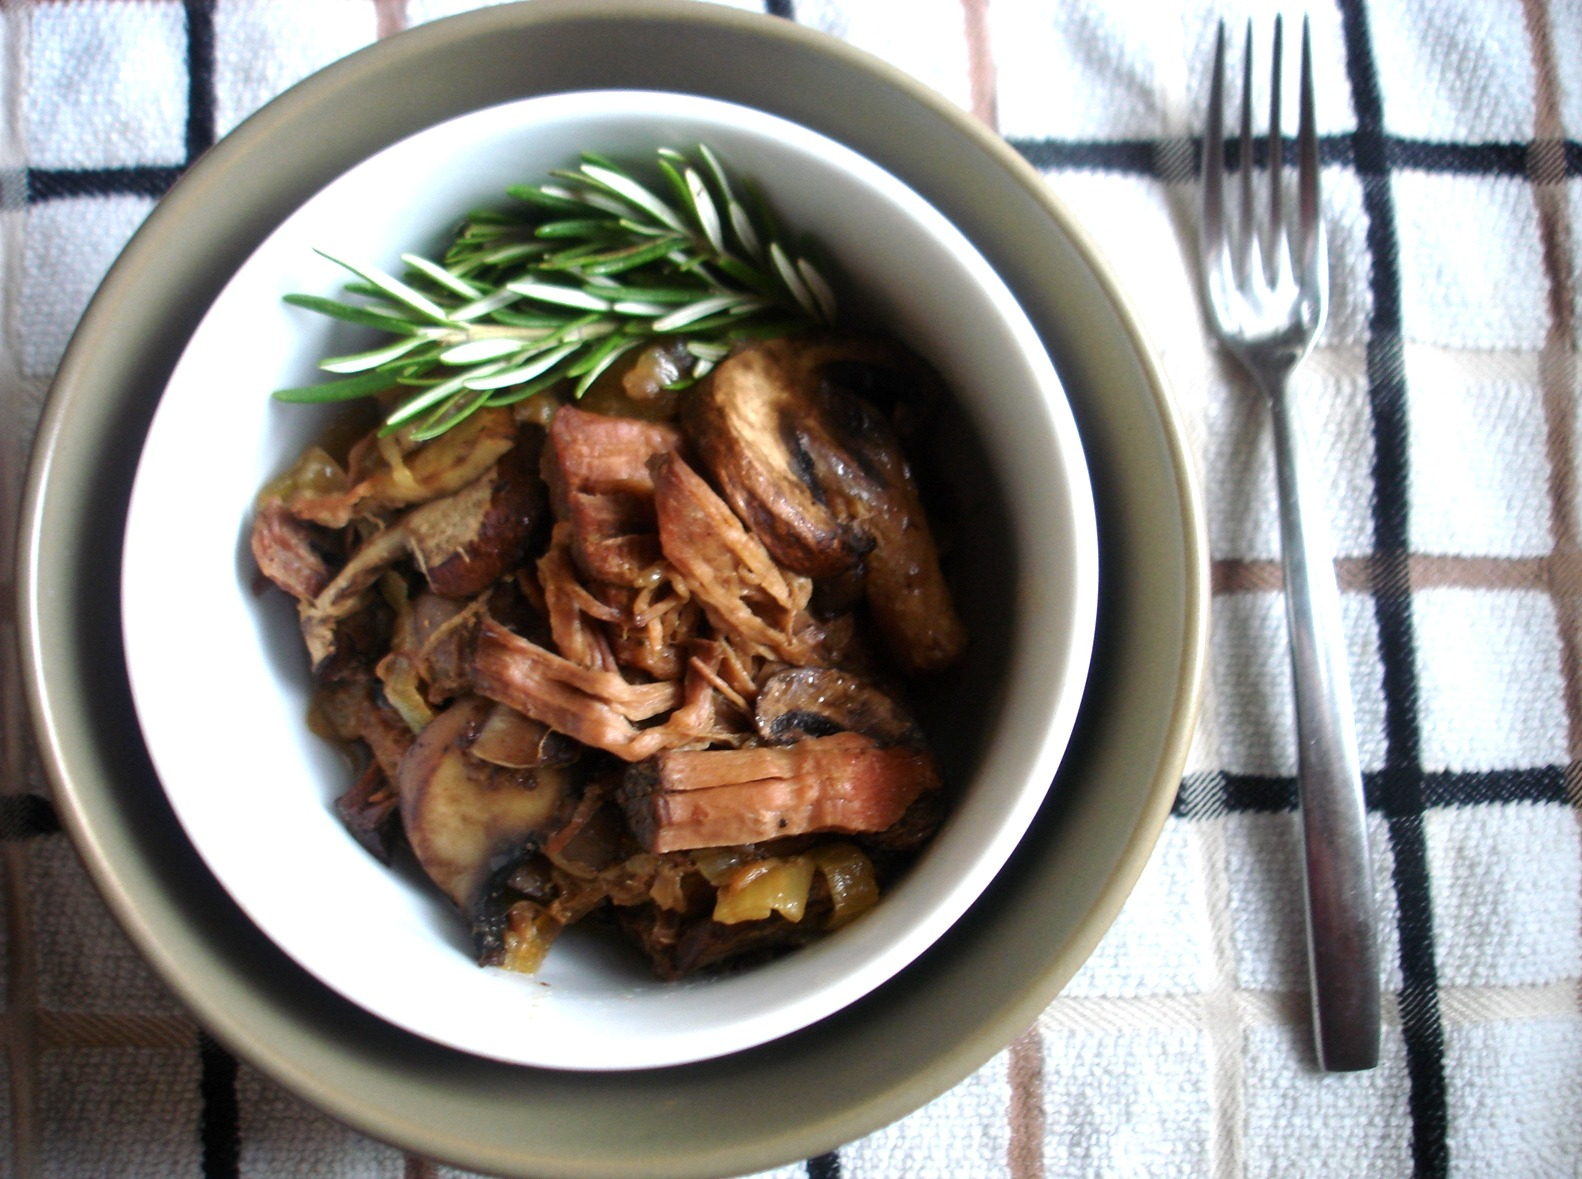 Leftovers Mushroom Gravy Slow Cooked Rump Roast Paleomg